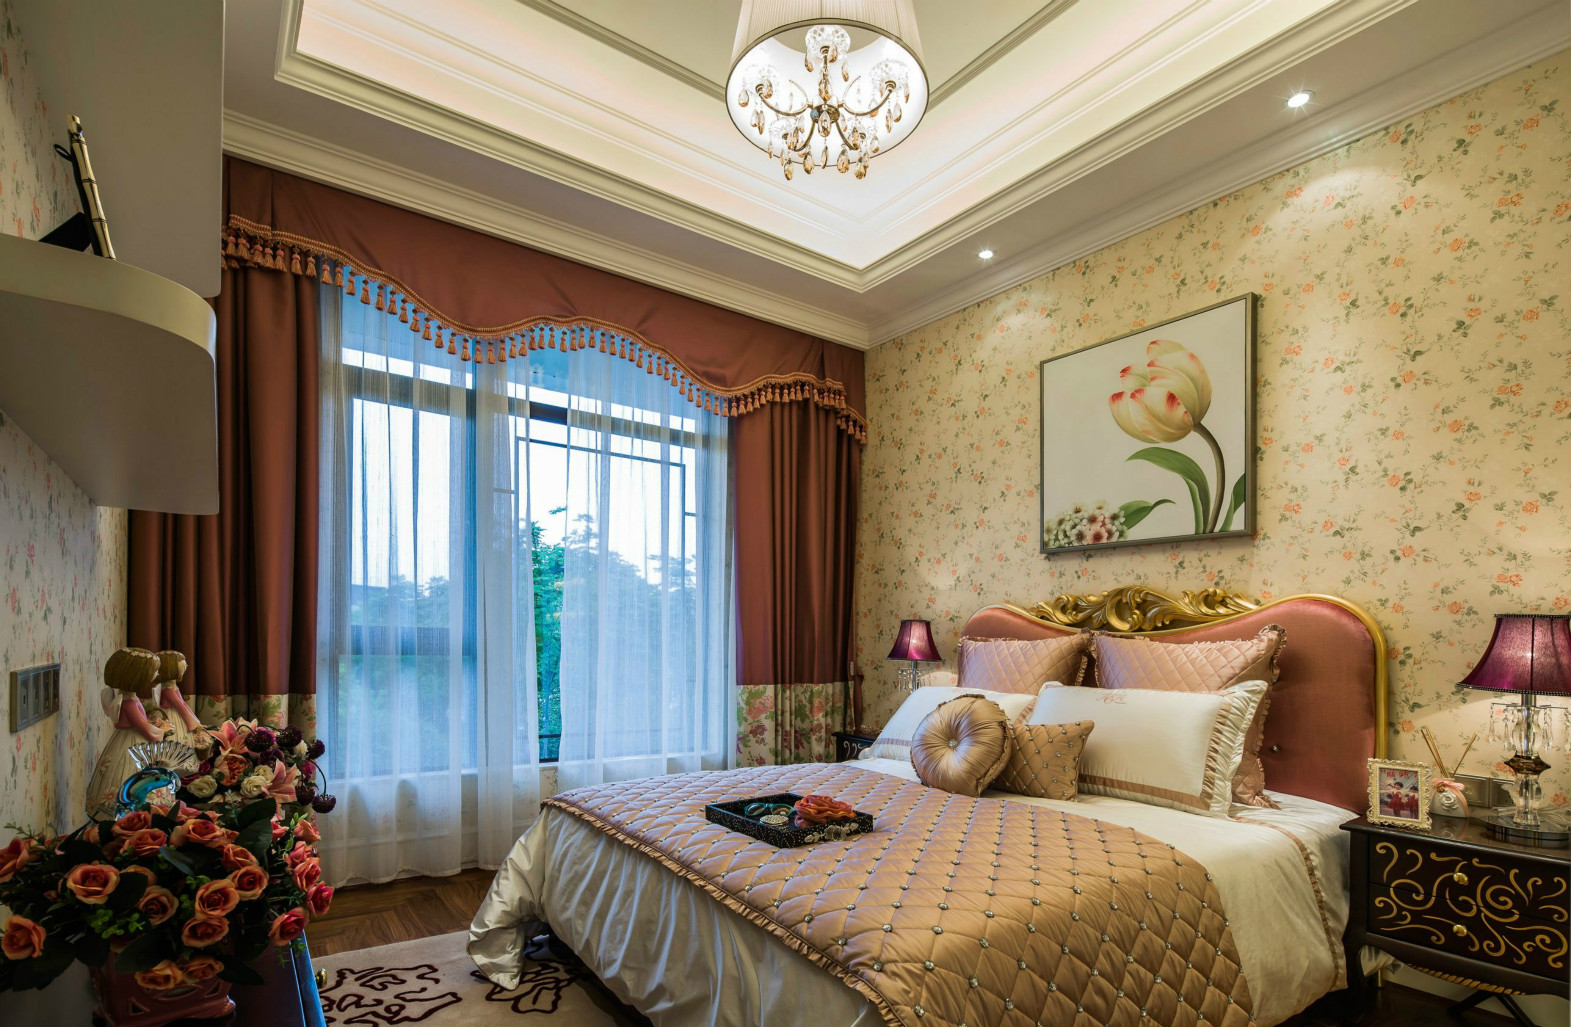 卧室一般也会使用浅色调,不会用复杂或是深沉的颜色破坏整体的风格。